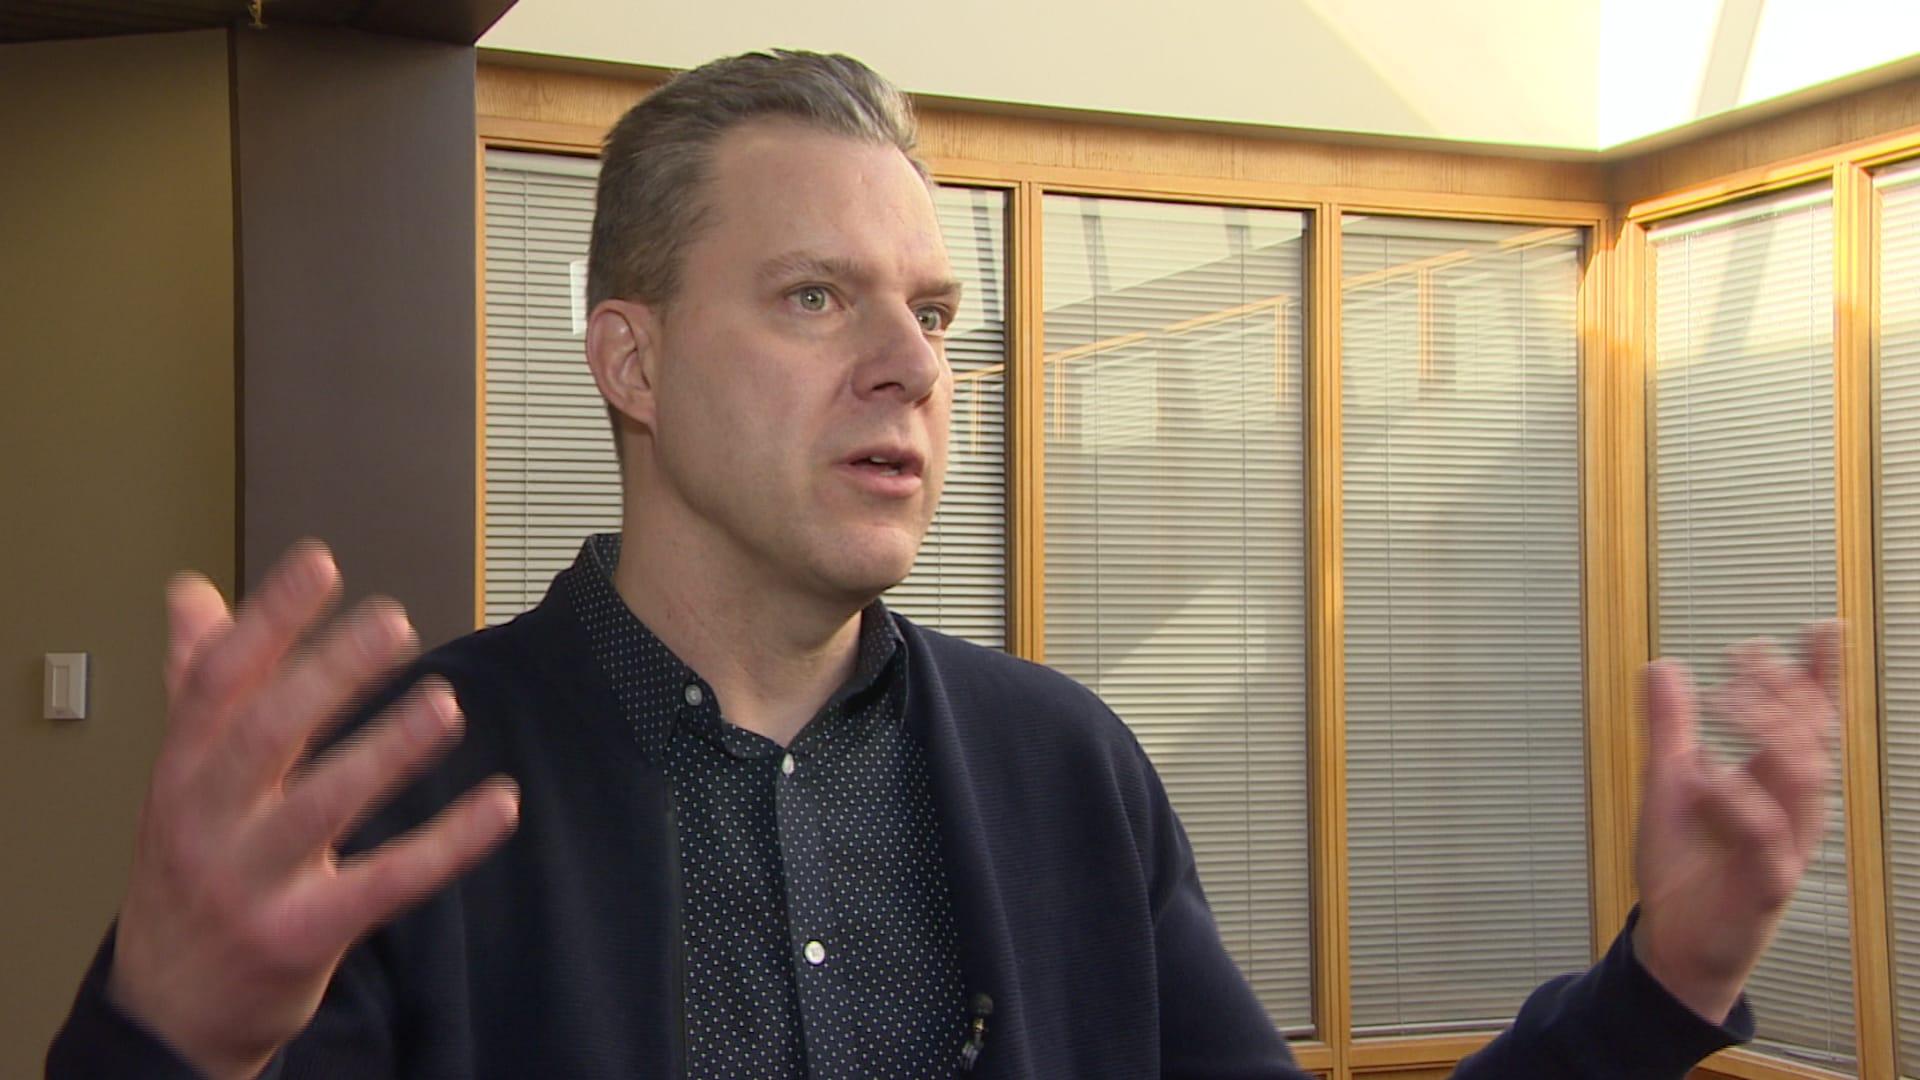 Un homme avec les bras en mouvement portant un veston bleu marine dans un couloir de l'Université de la Saskatchewan.